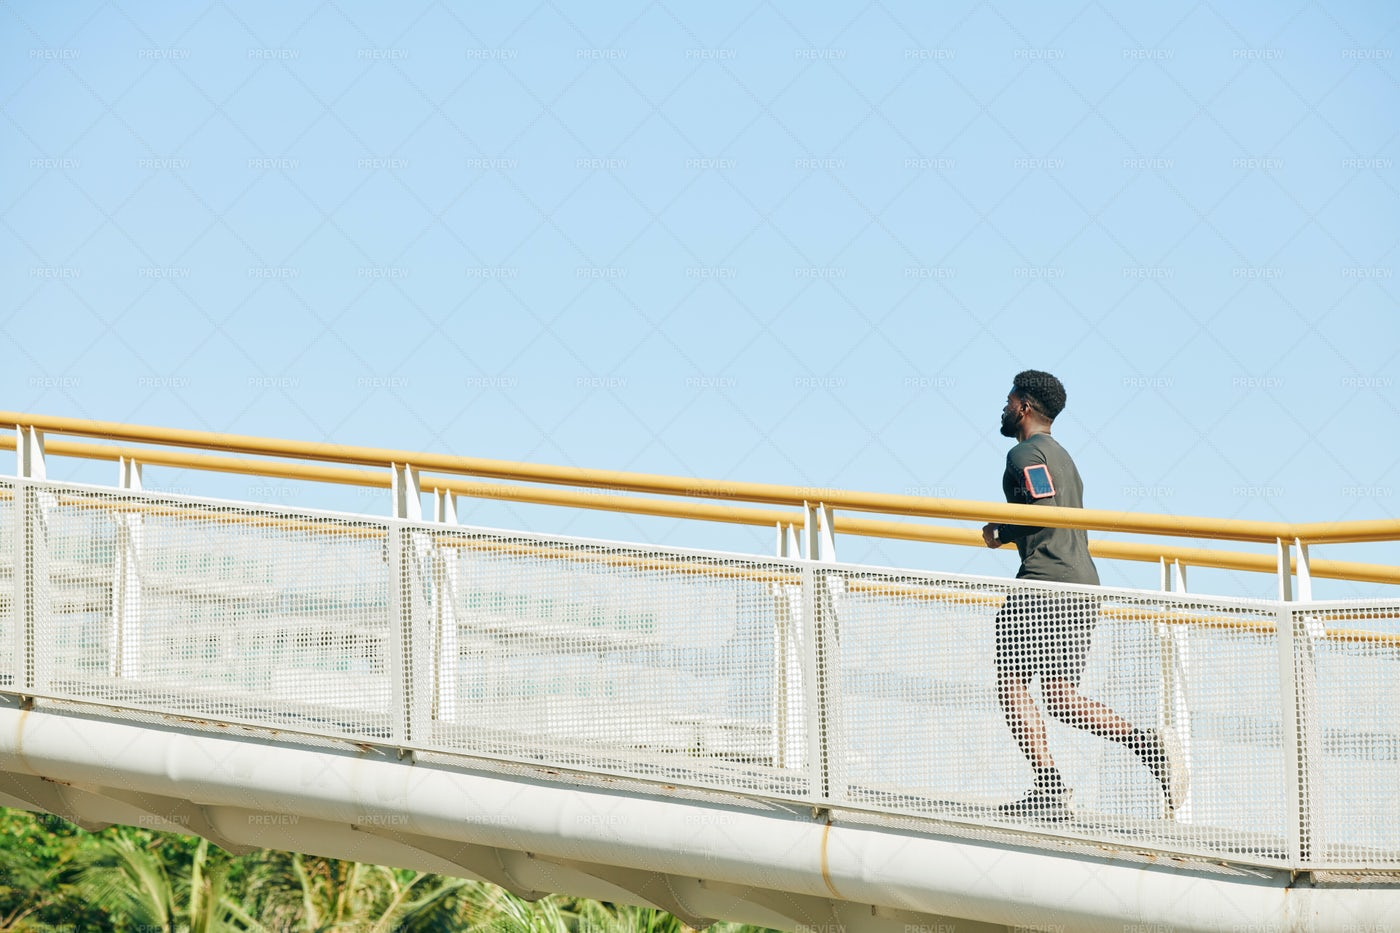 Man Running Along The Bridge: Stock Photos